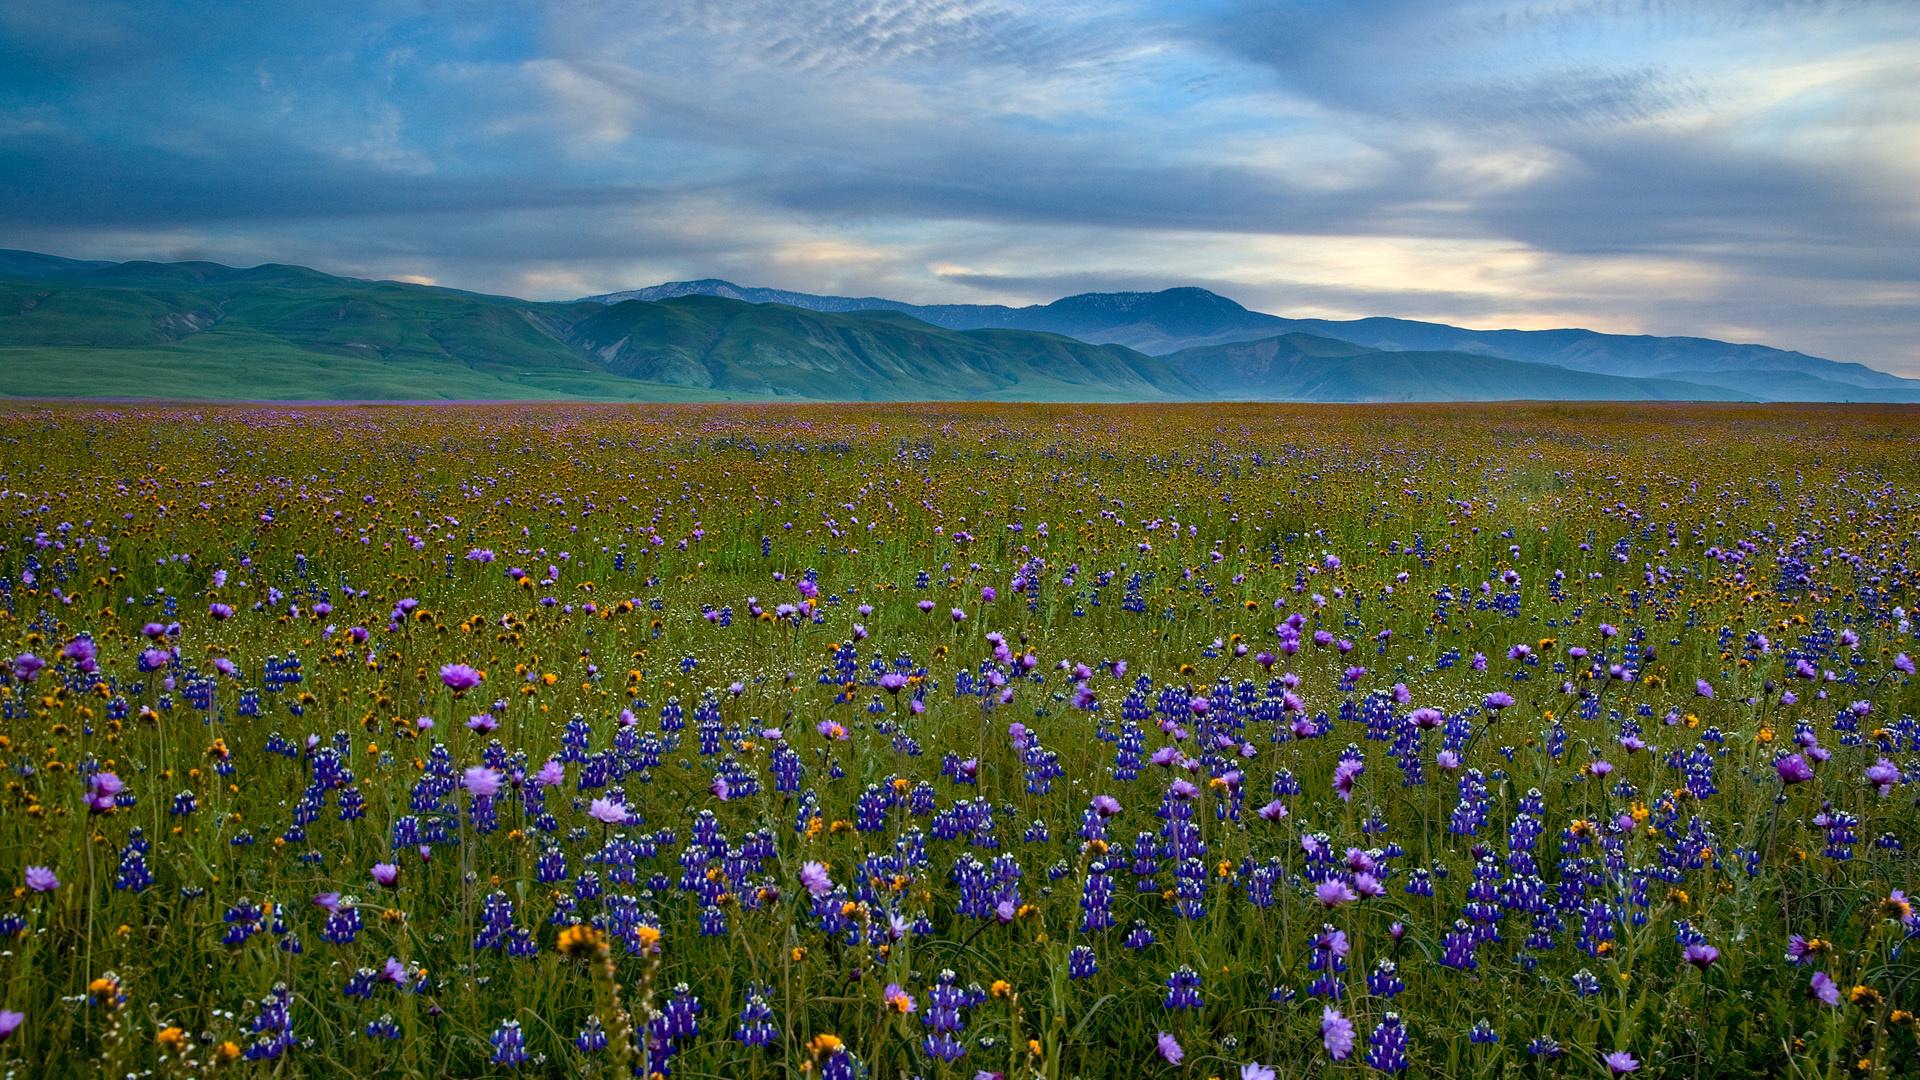 40649 скачать обои Пейзаж, Цветы, Поля - заставки и картинки бесплатно